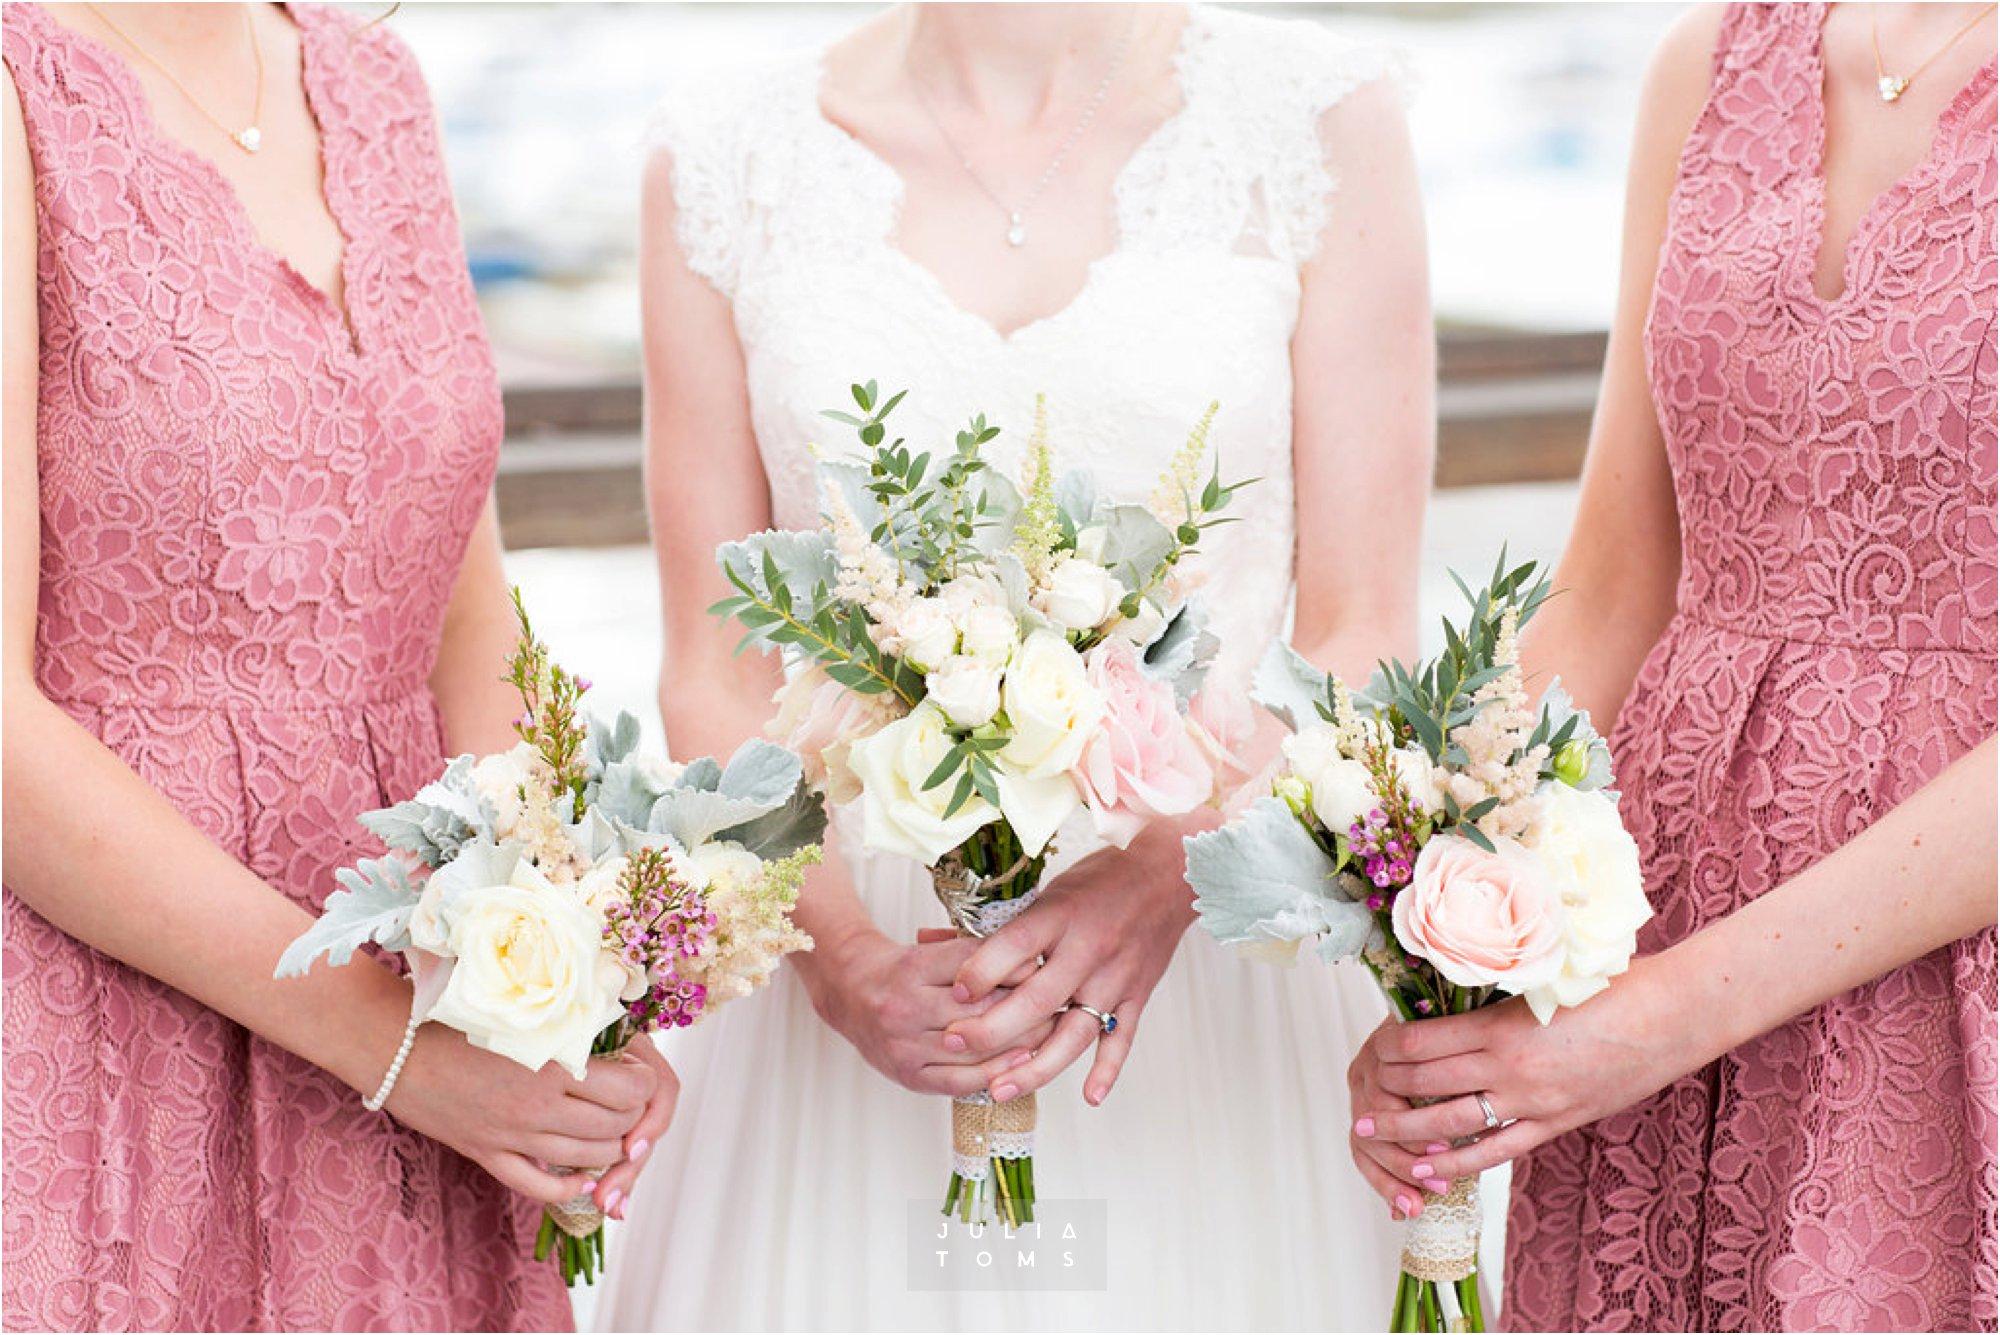 itchenor_wedding_chichester_photographer_009.jpg